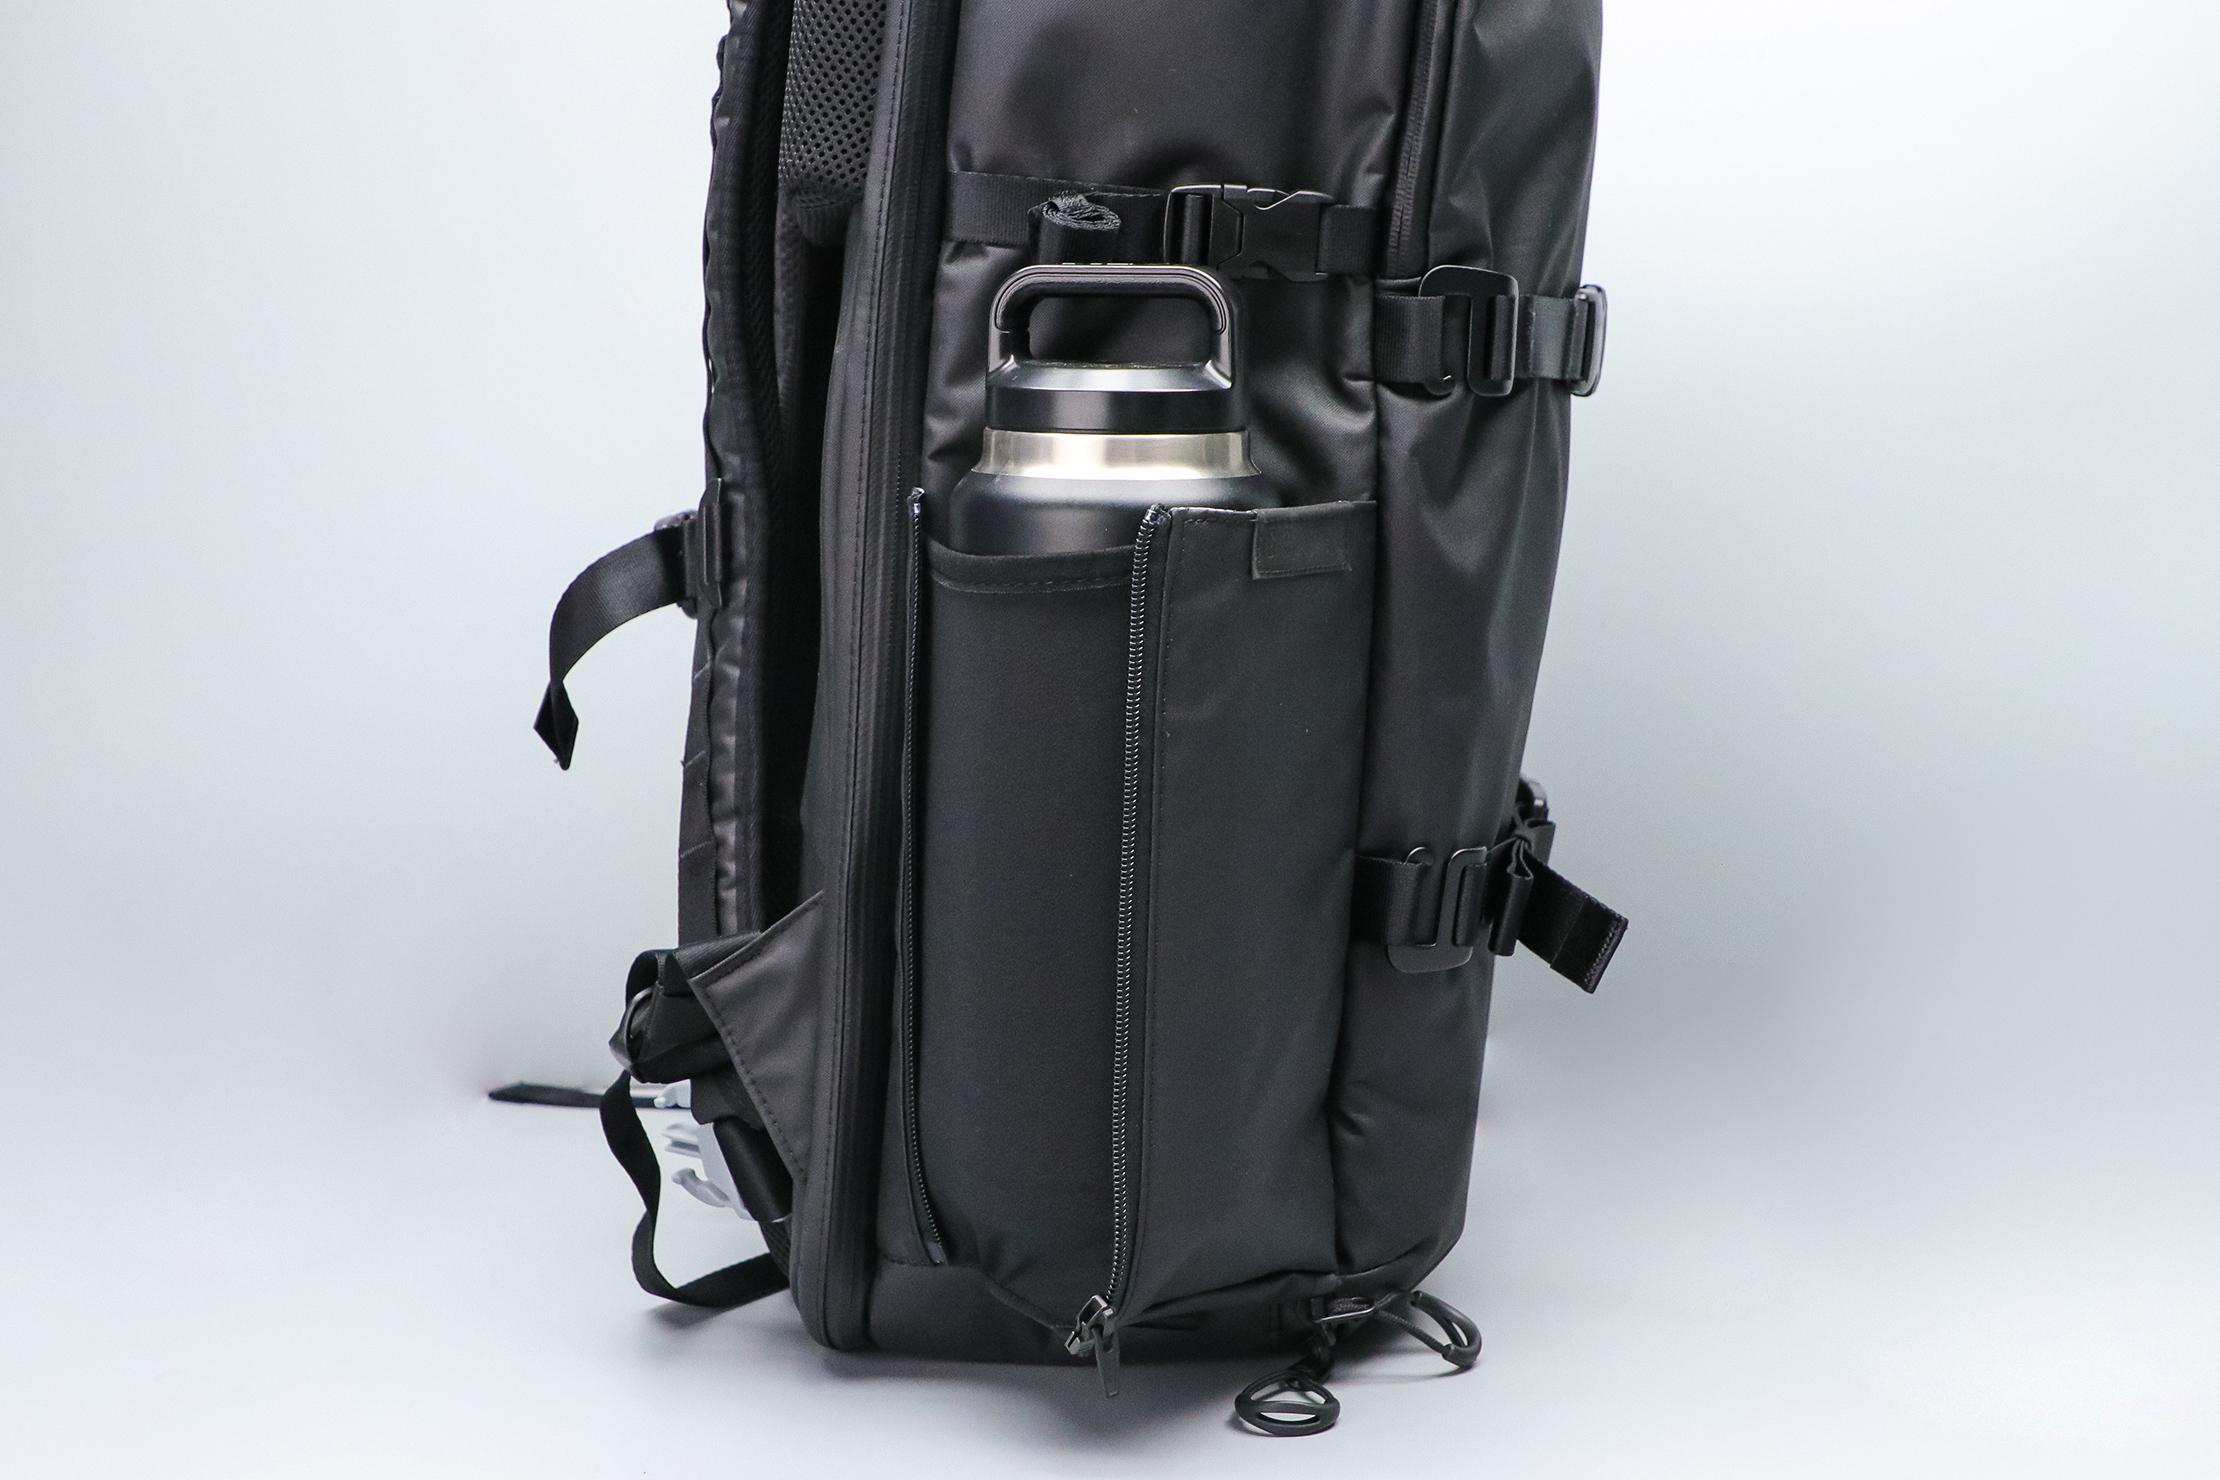 Gravel Backpack Travel System 42L Water Bottle Pocket